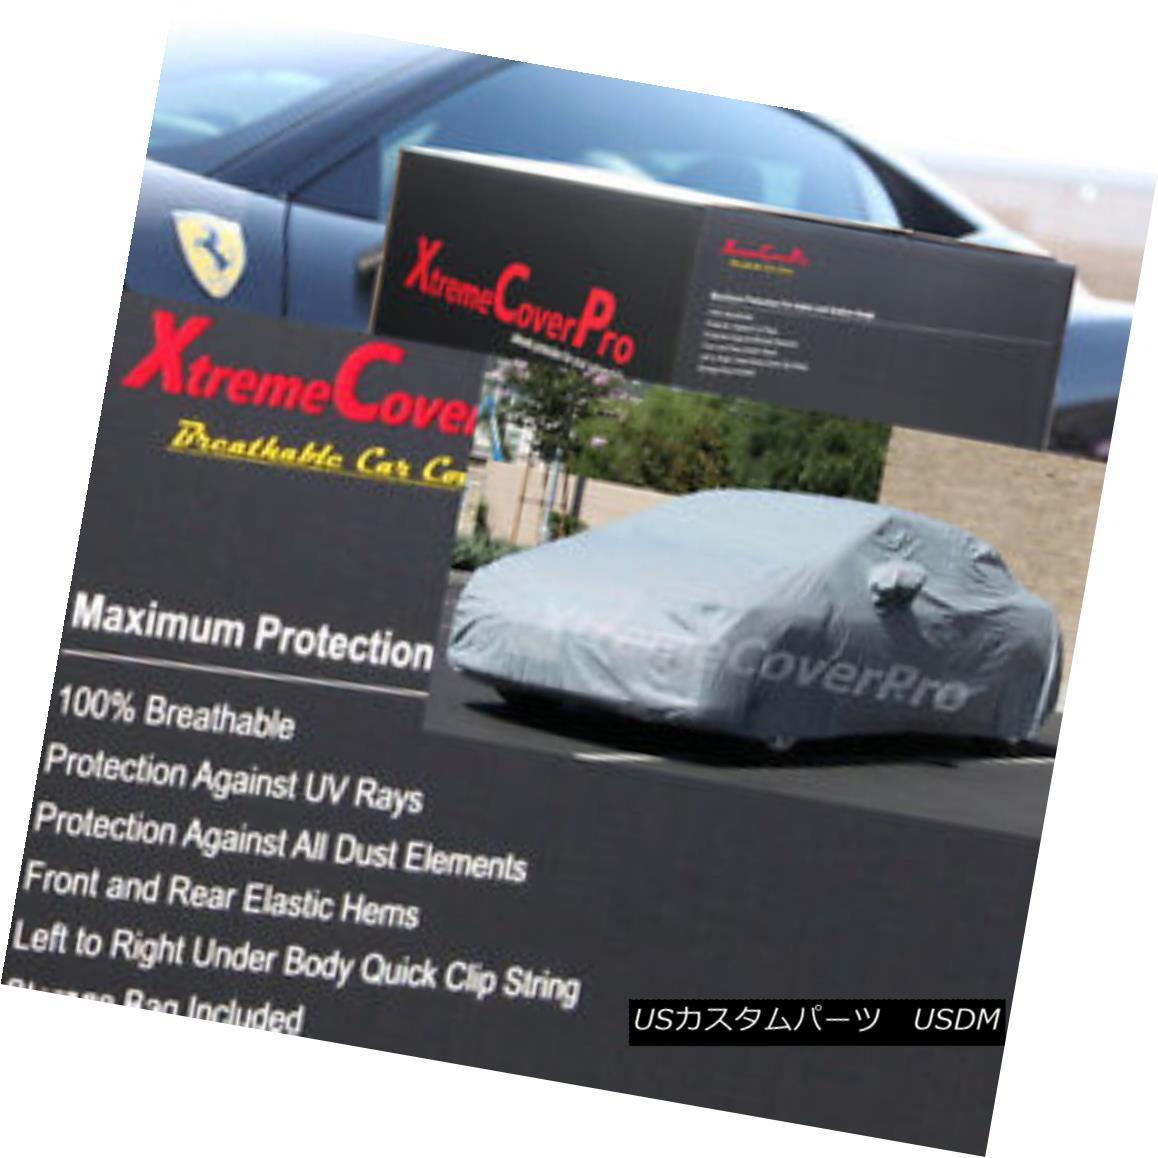 カーカバー 2008 2009 2010 2011 Mercedes C300 C350 C63 Breathable Car Cover w/MirrorPocket 2008年2009年2010年2011年メルセデスC300 C350 C63通気性車カバー付きMirrorPocket